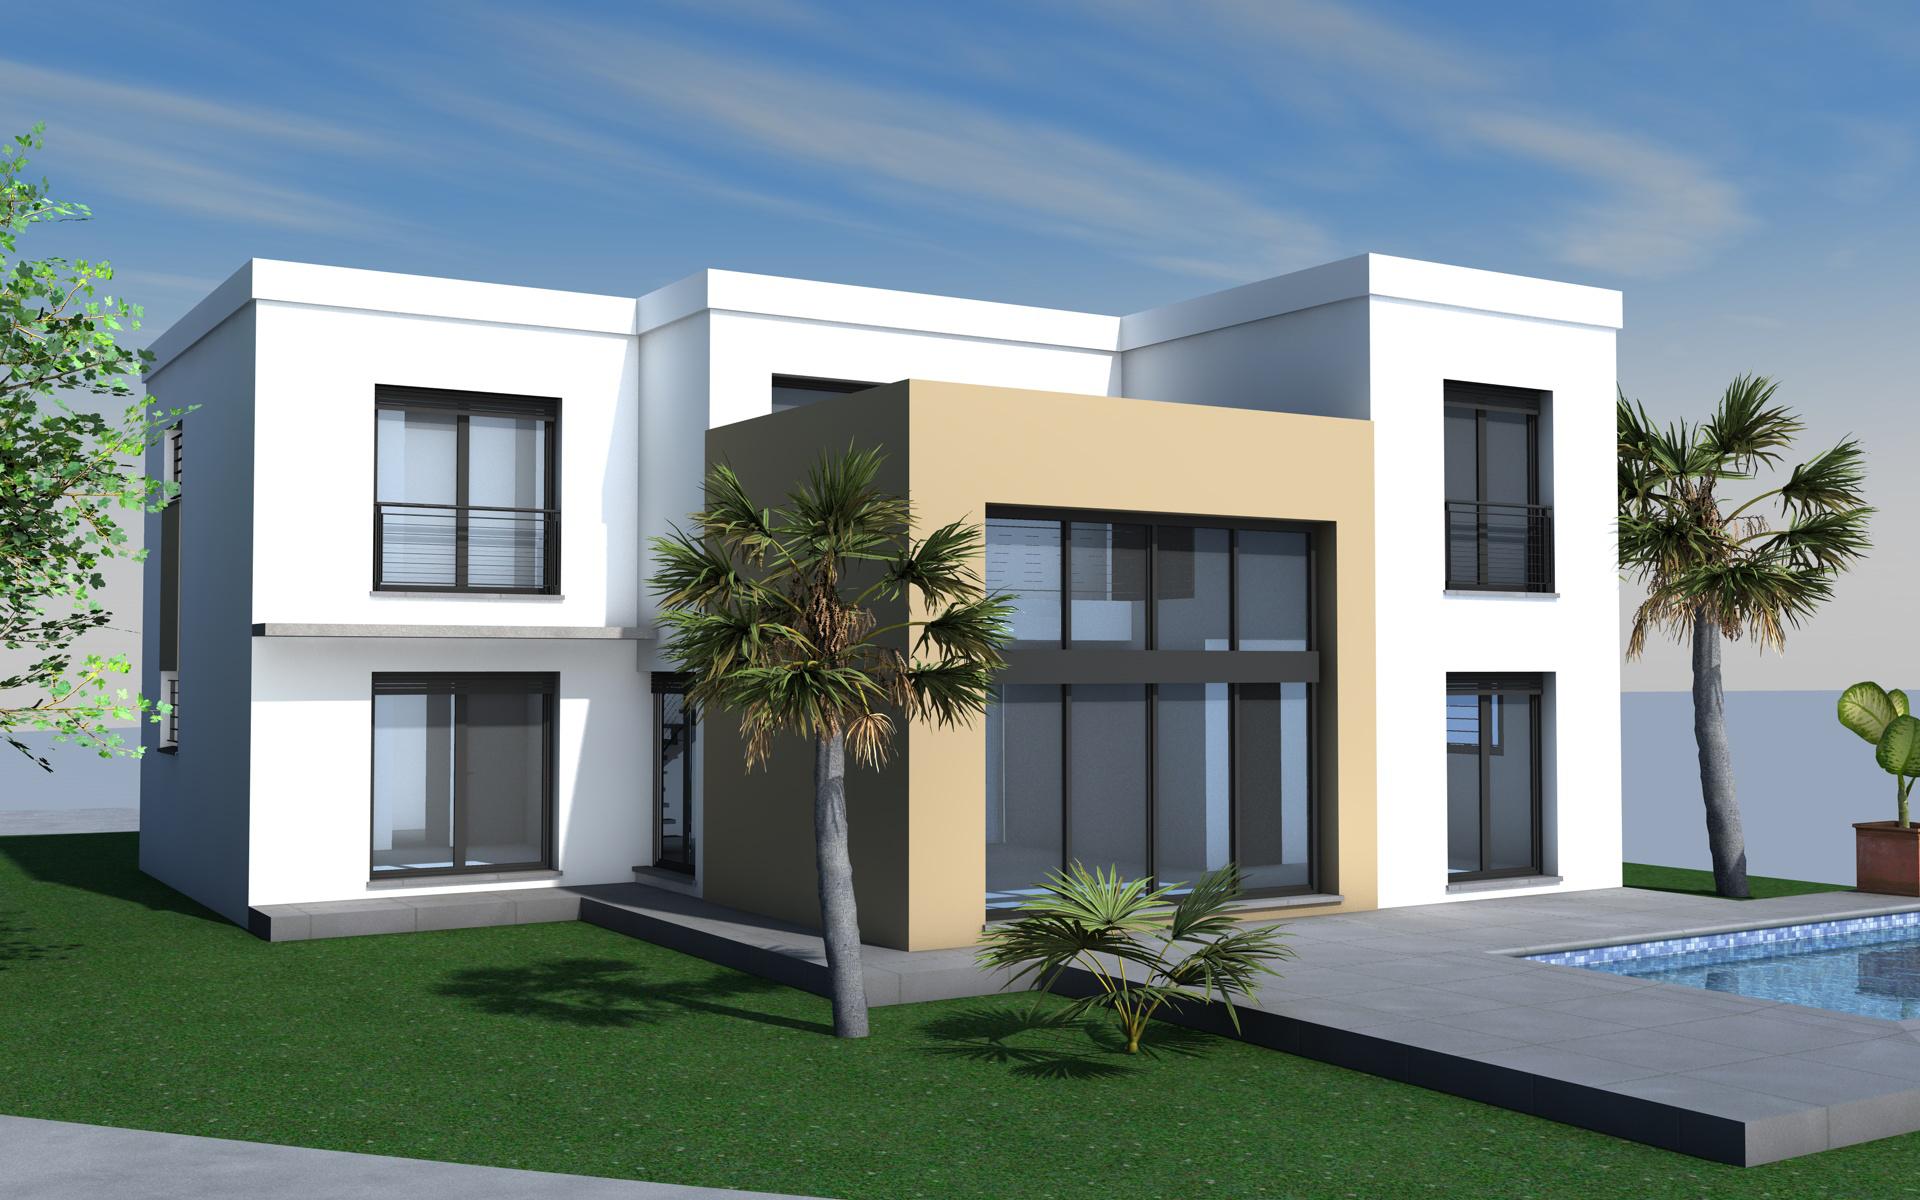 Constructeur maison contemporaine perpignan for Constructeur de maison individuelle perpignan